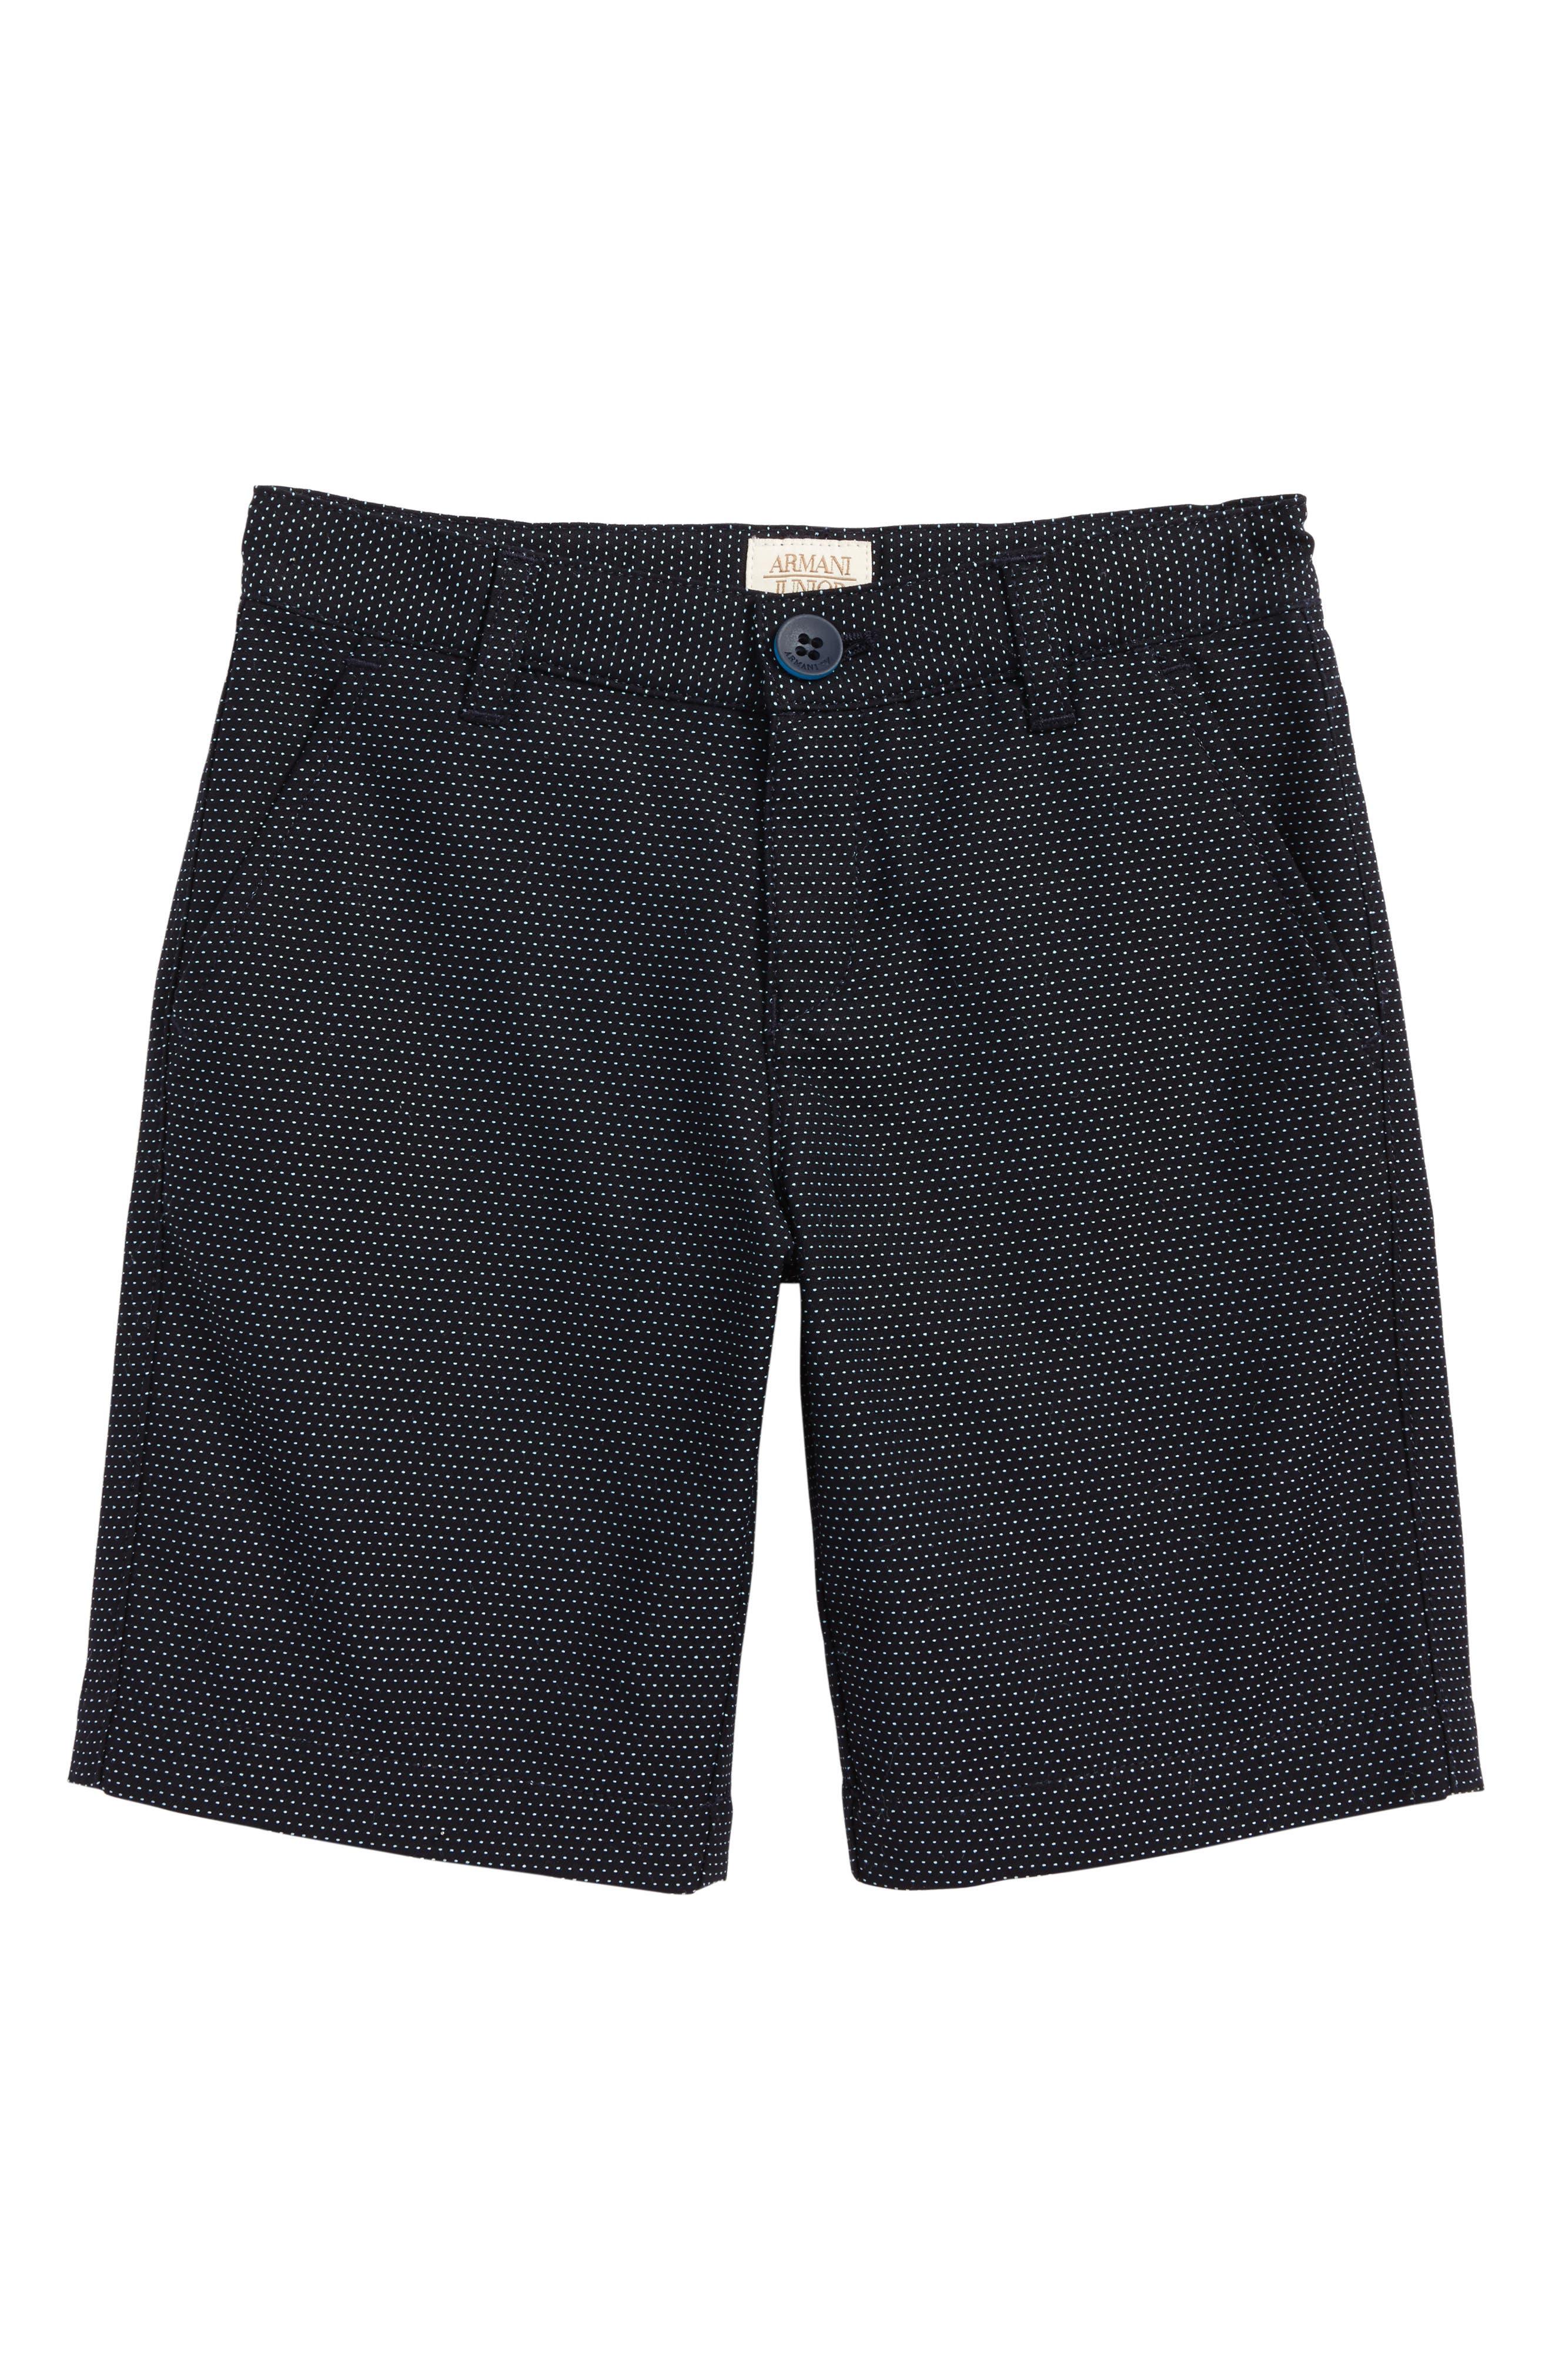 Microdot Shorts,                         Main,                         color, 484